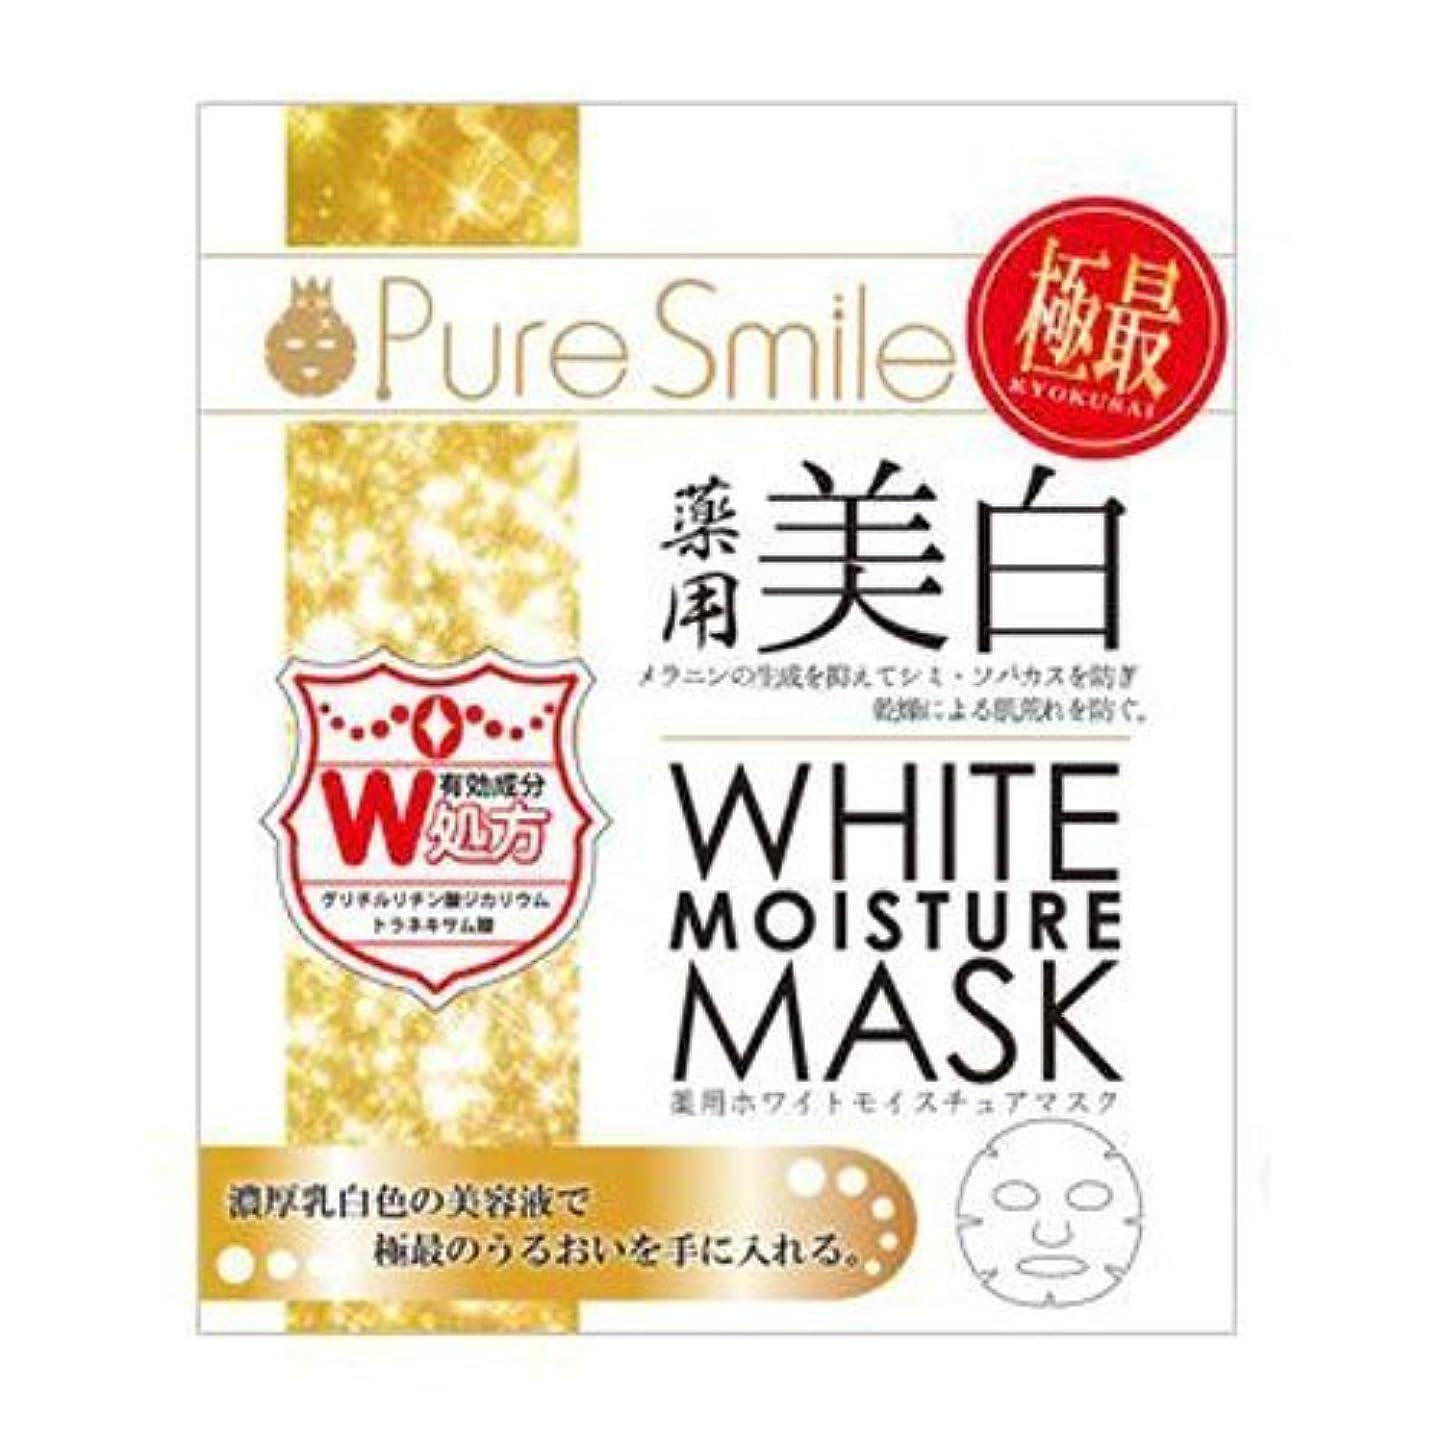 次ポイントストッキングピュアスマイル エッセンスマスク 薬用ホワイトモイスチュアマスク